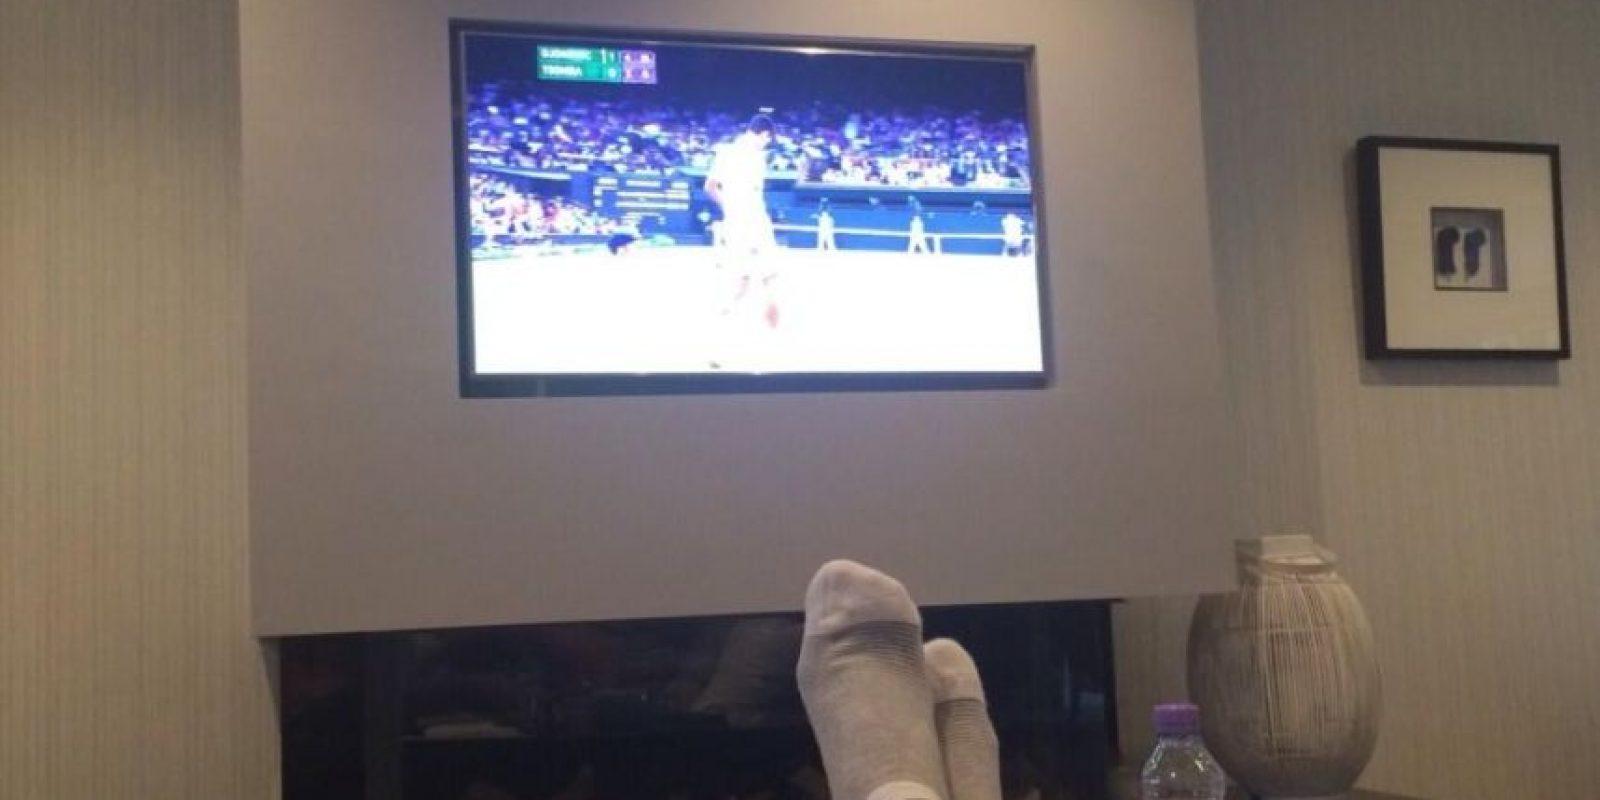 La esposa de Djokovic observando el encuentro. Foto:JelenaRisticNDF